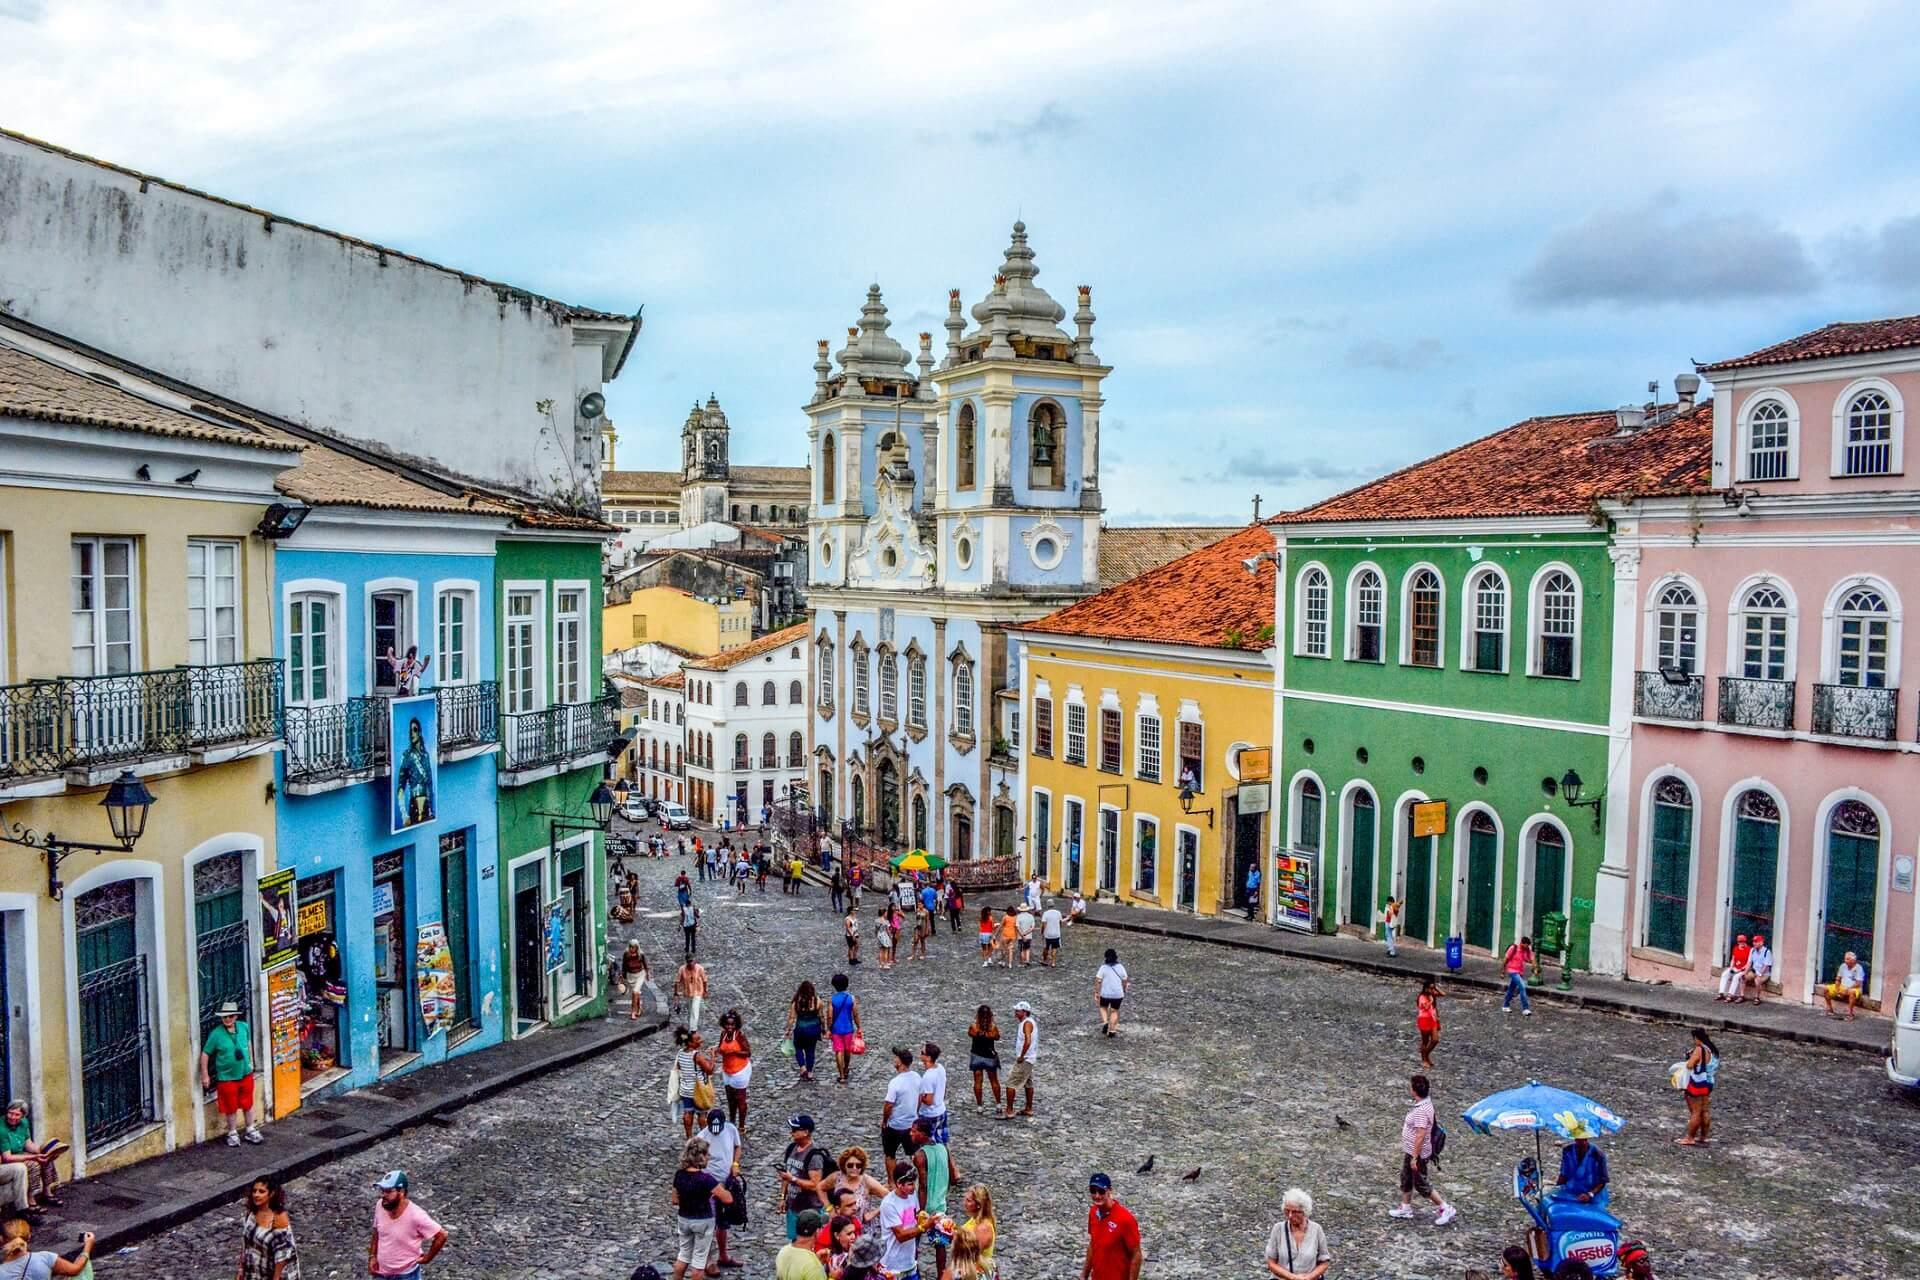 Die Altstadt in Salvador de Bahia ist bunt und lebendig